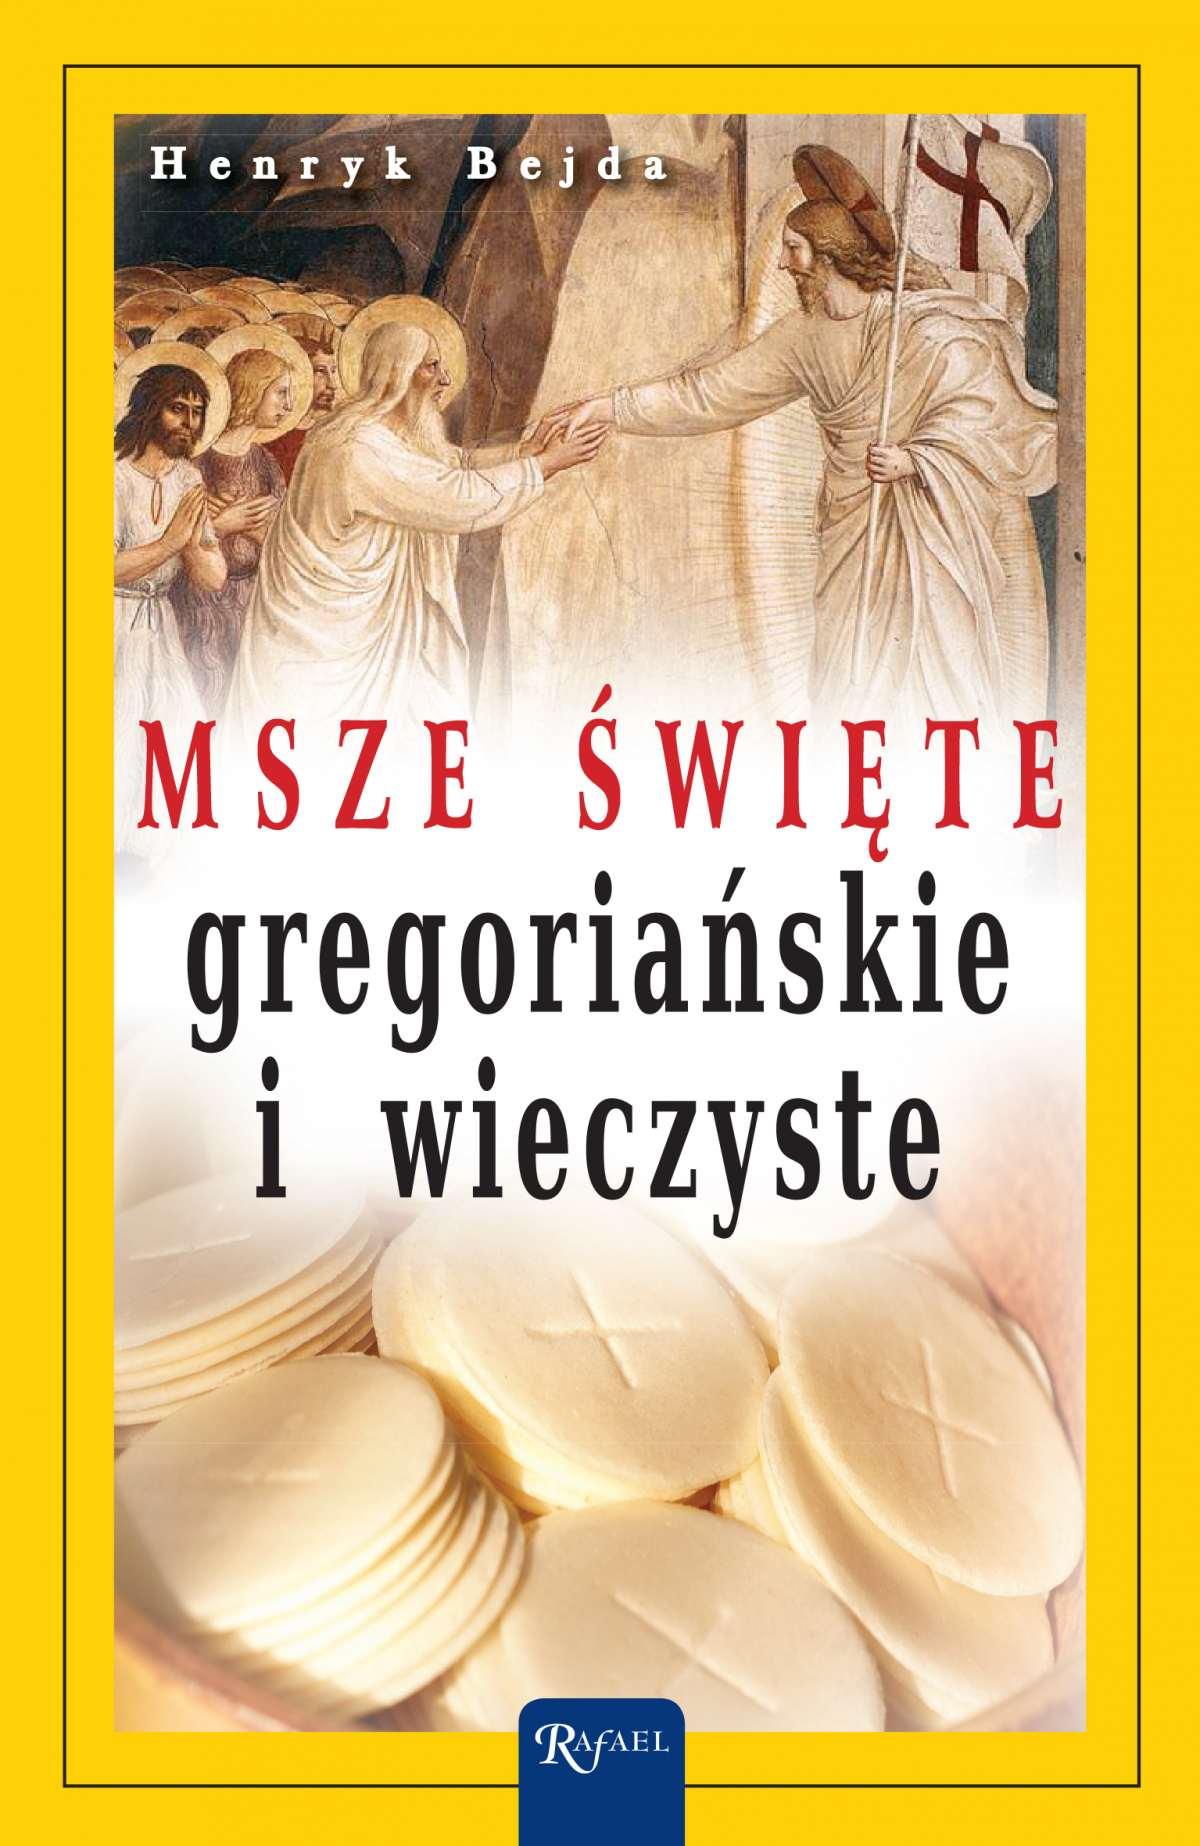 Msze Święte gregoriańskie i wieczyste - Ebook (Książka EPUB) do pobrania w formacie EPUB